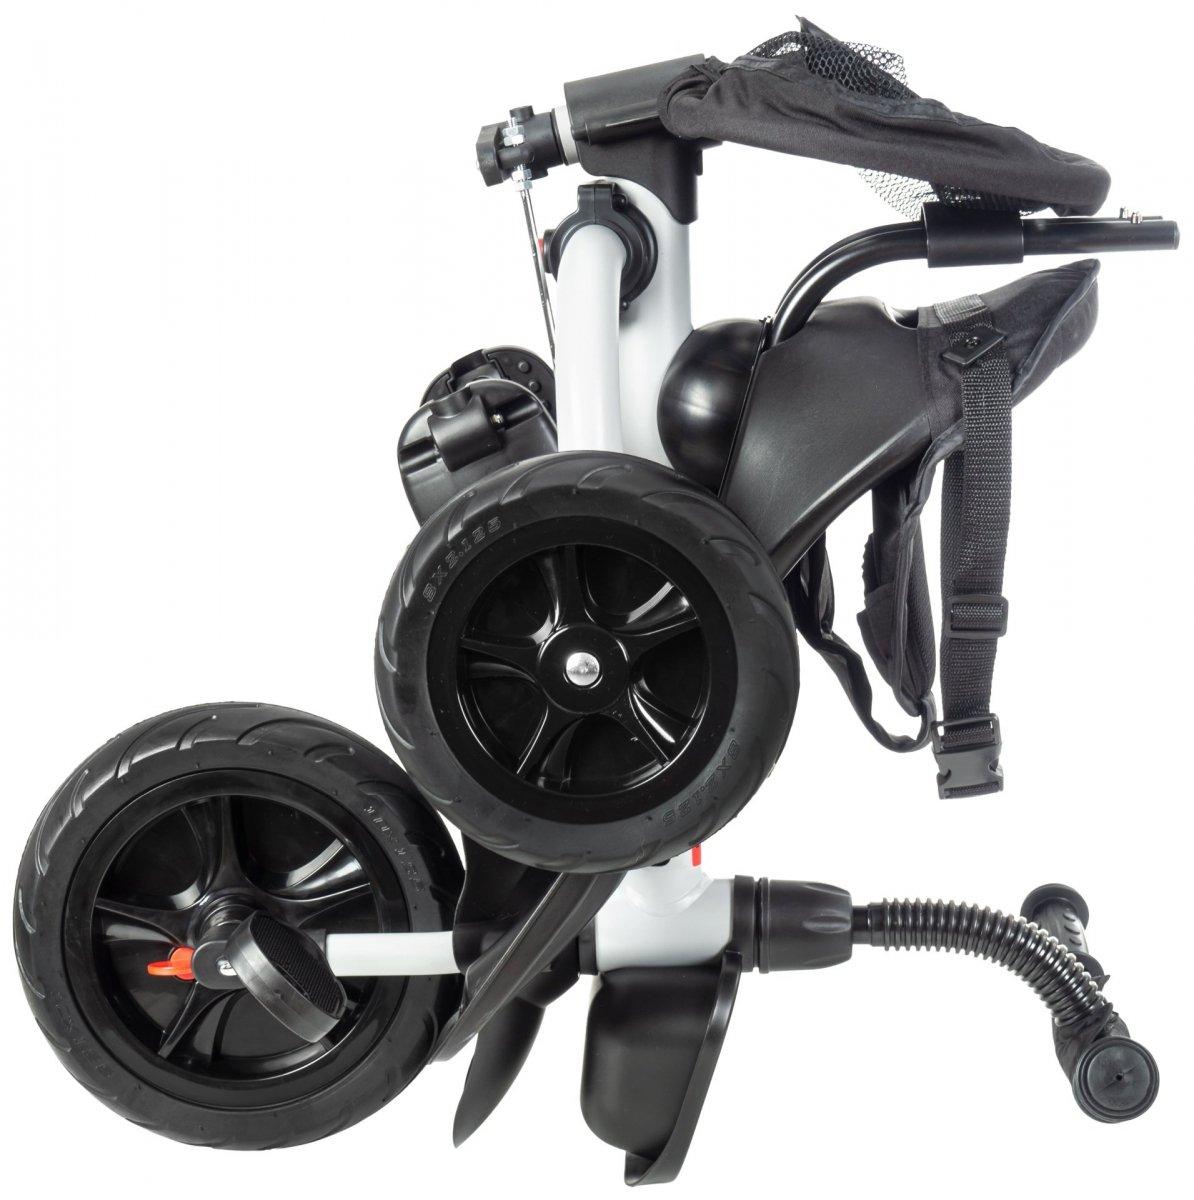 Rowerek trójkołowy HyperMotion TOBI BUZZ - obracany, składany. Kolor: czarno - szary